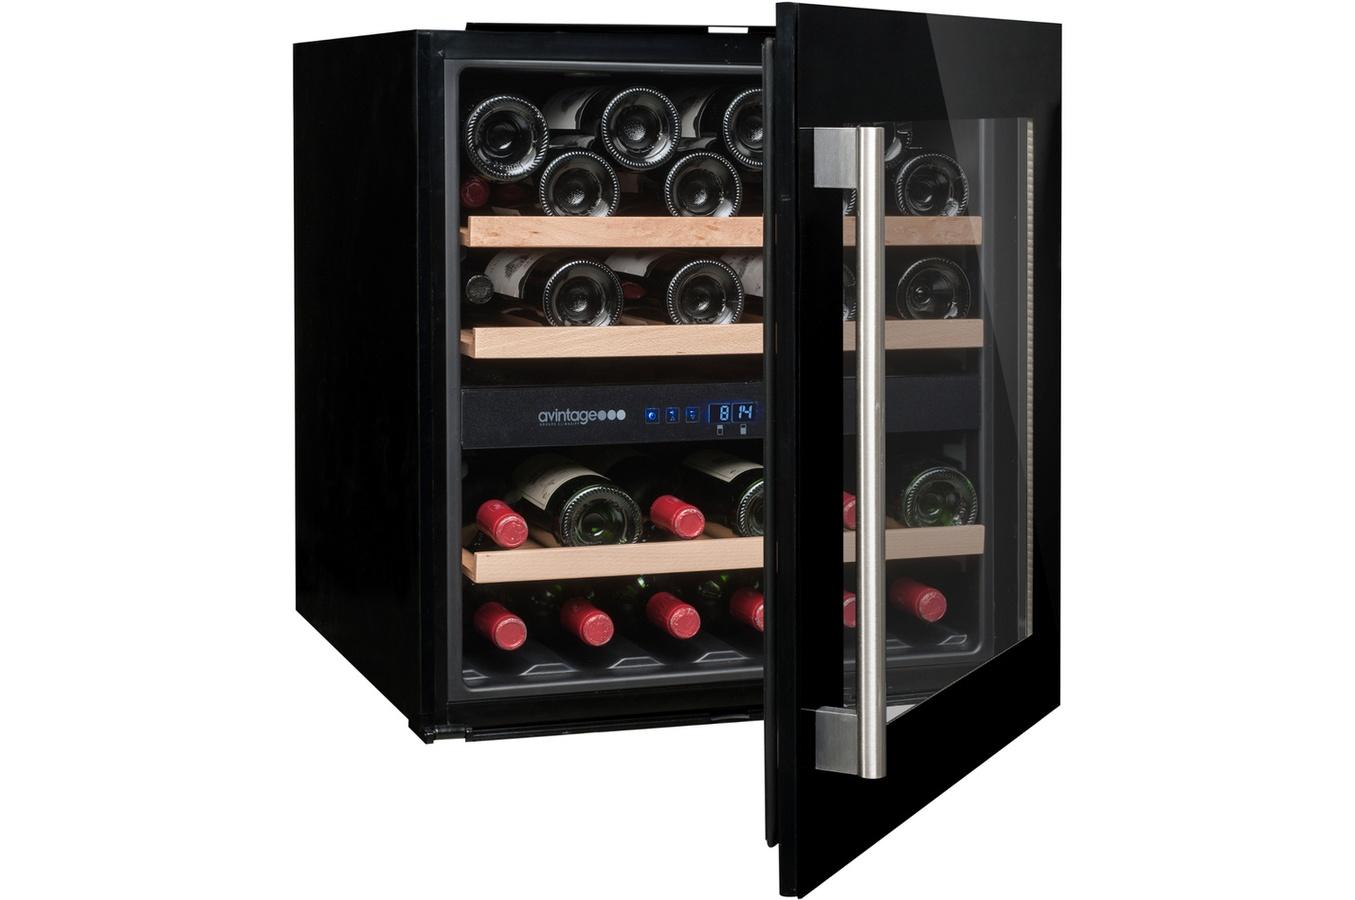 tout ce qu il faut savoir pour choisir sa cave vin. Black Bedroom Furniture Sets. Home Design Ideas